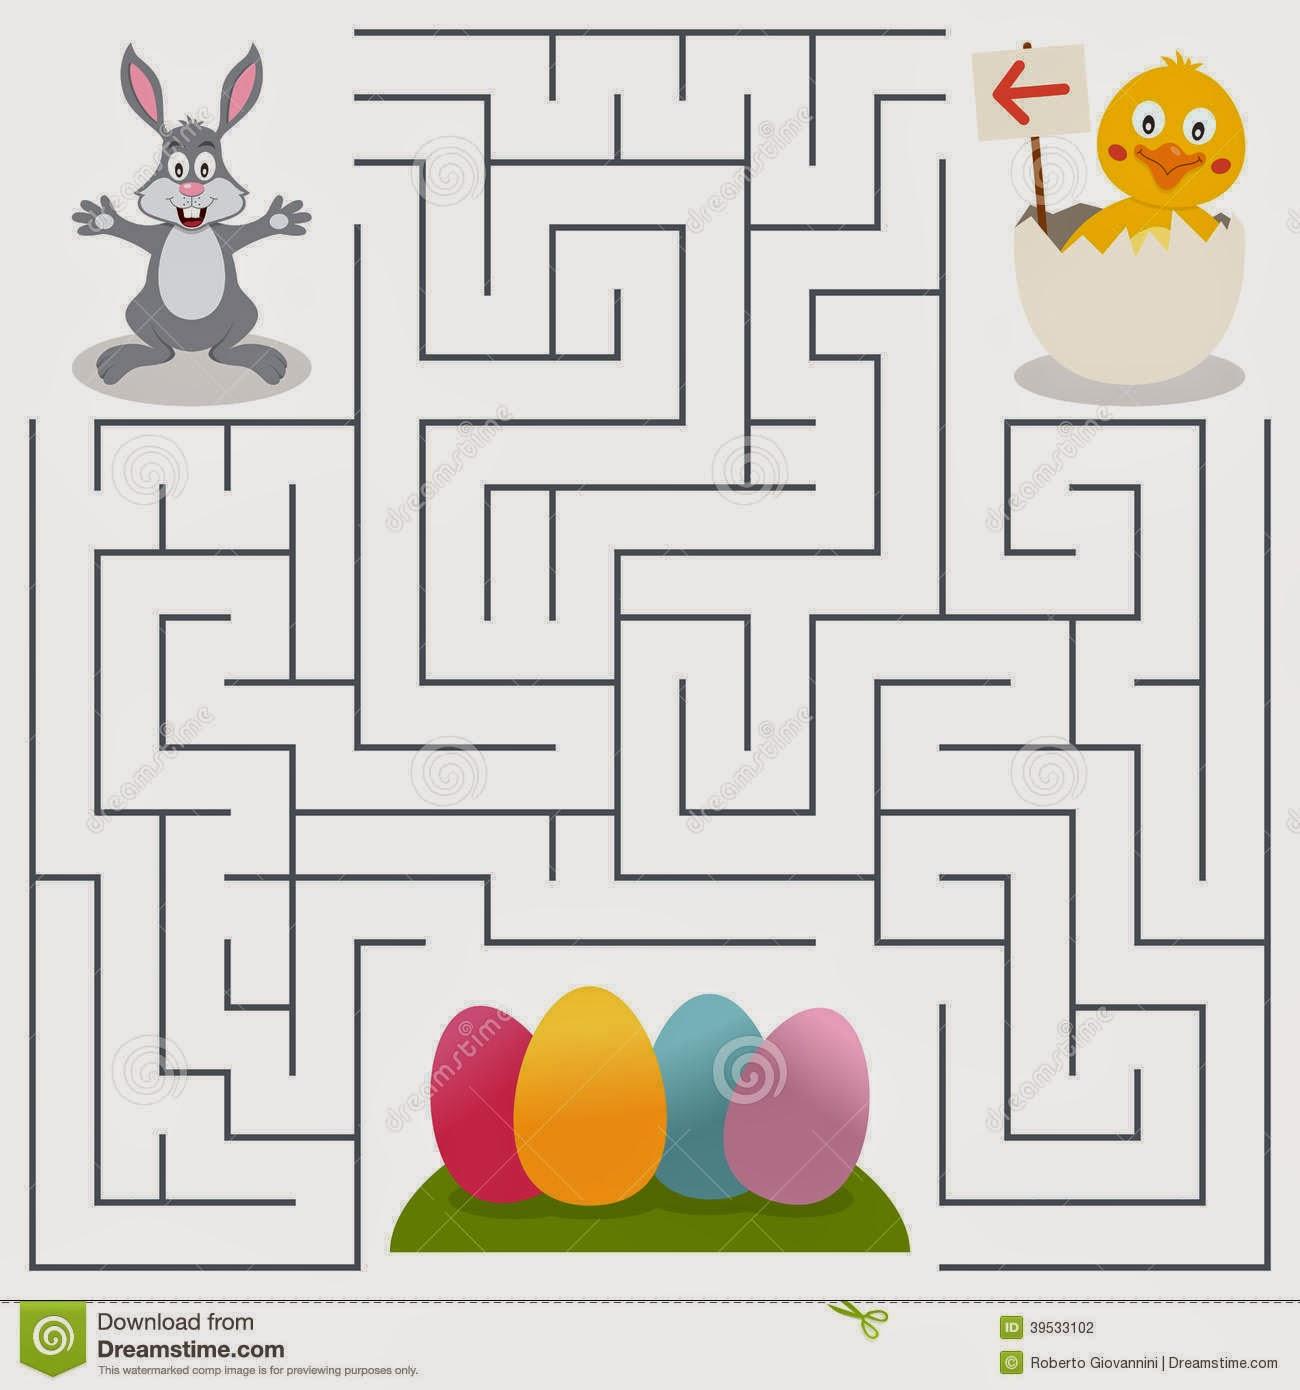 laberinto-de-bunny-rabbit-y-de-los-huevos-de-pascua-para-los-niños